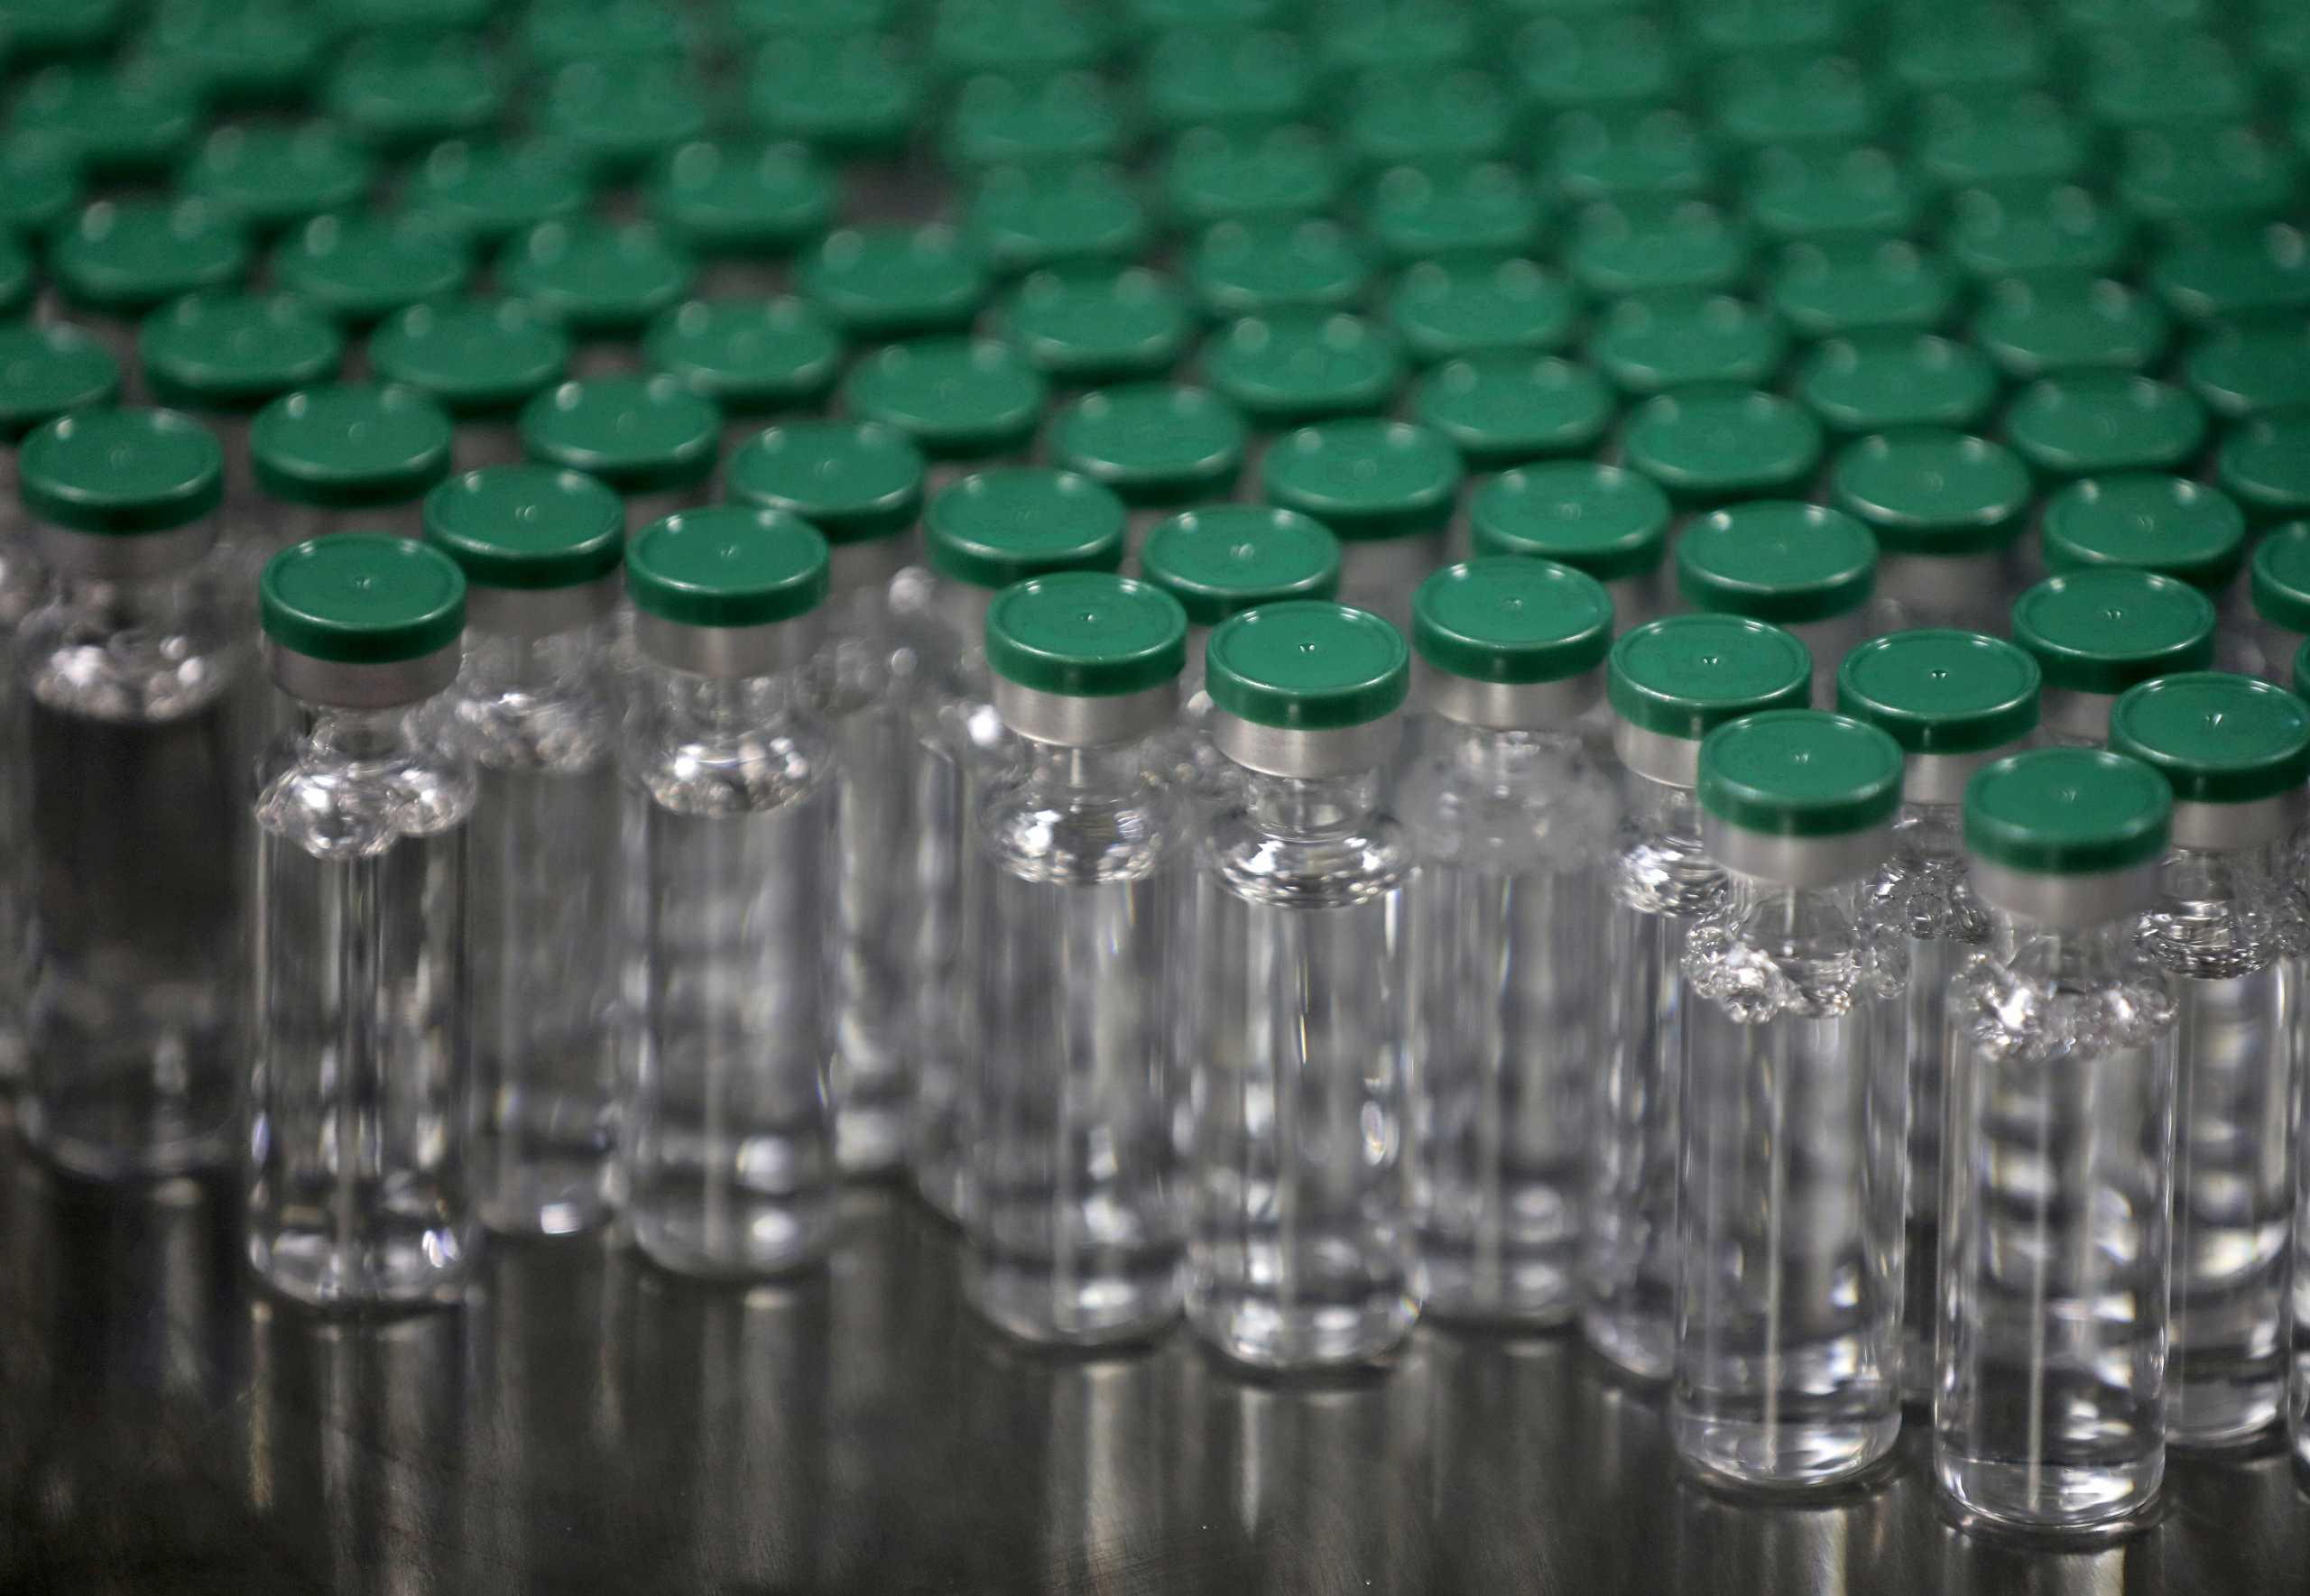 Βρετανία: Συνελήφθη άνδρας για το ύποπτο πακέτο σε εργοστάσιο που παρασκευάζει εμβόλιο για τον κορονοϊό